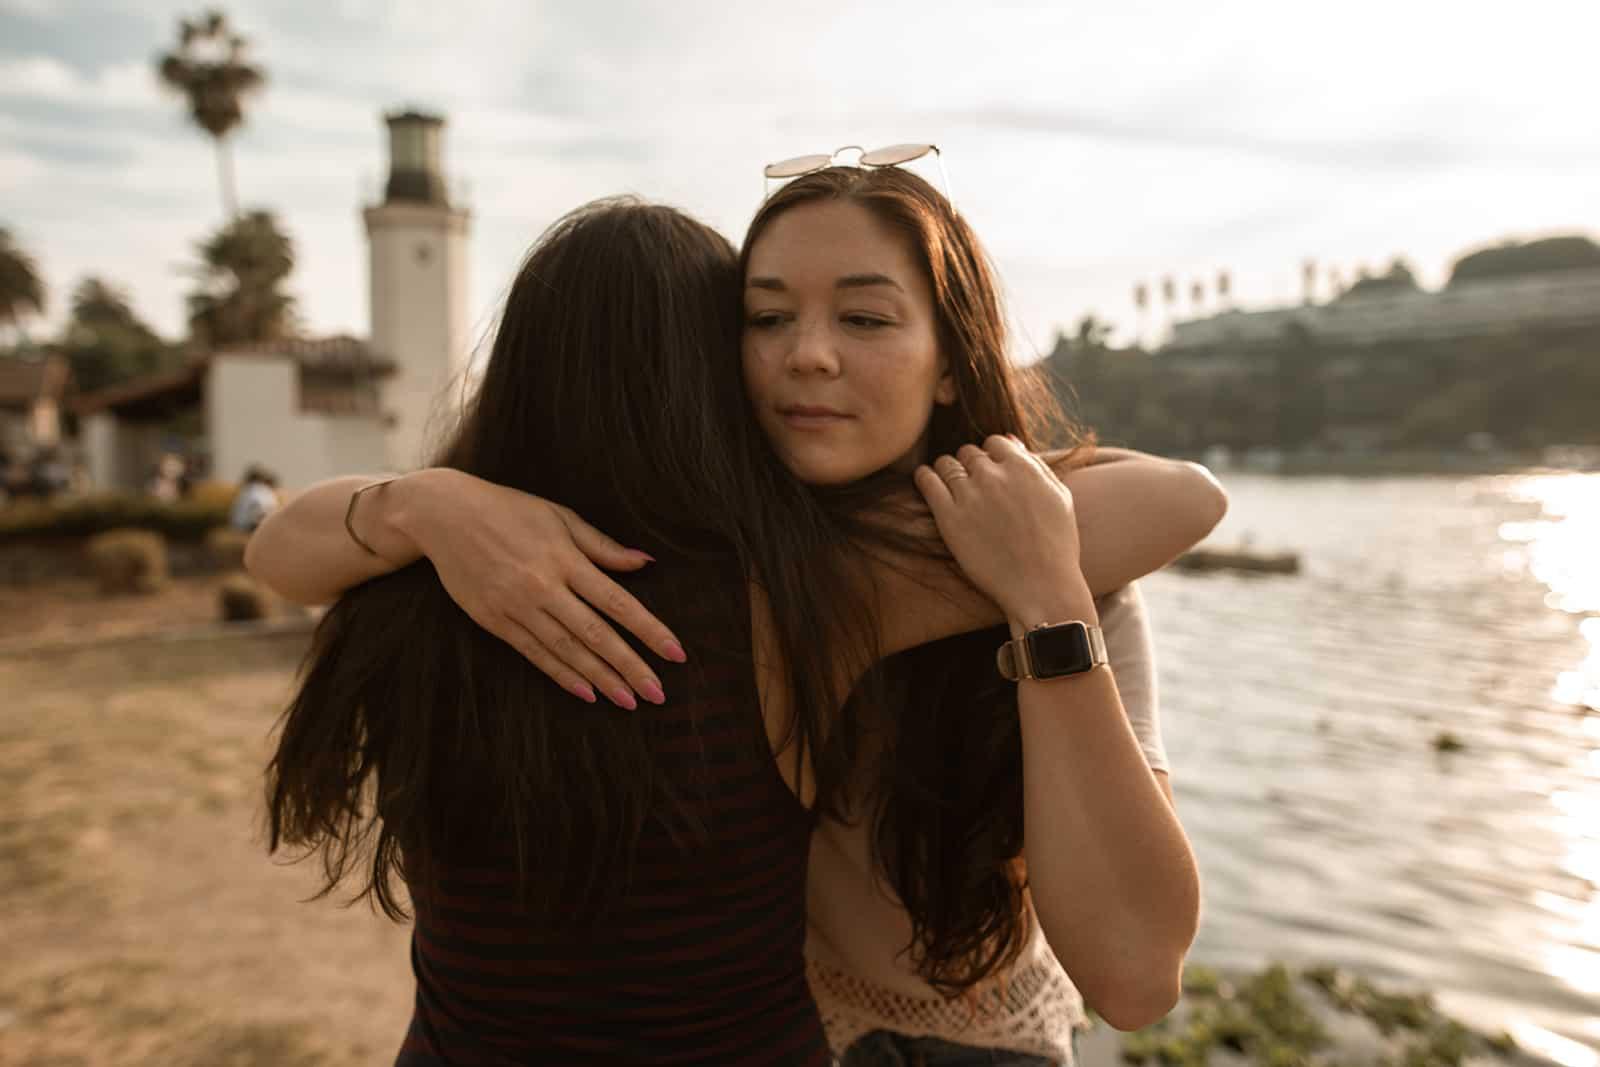 die verdächtige Frau umarmt ihre Freundin